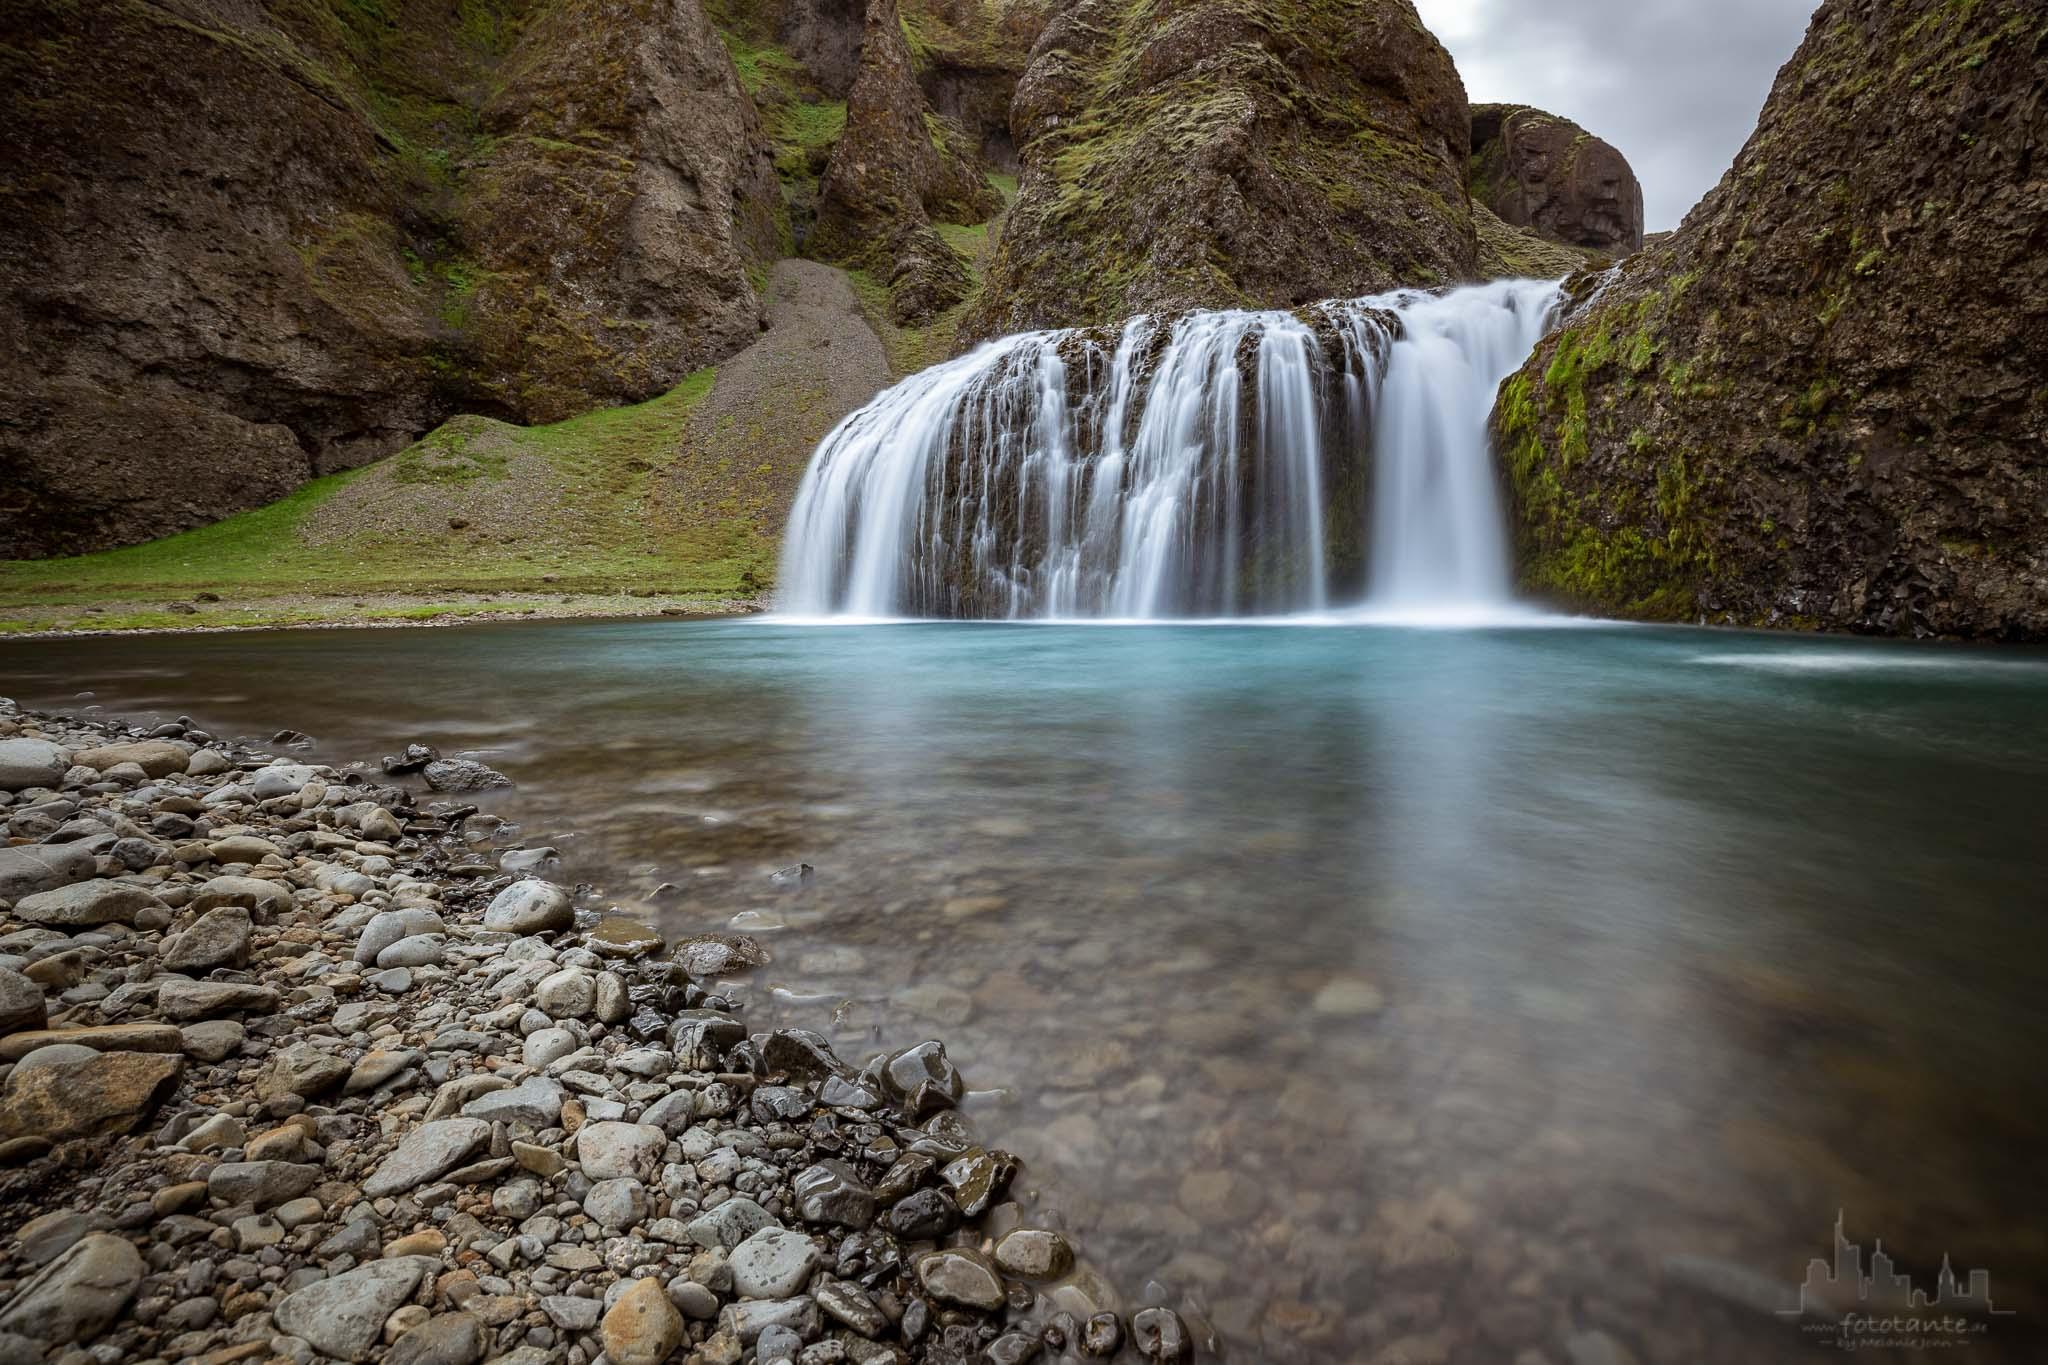 Stjornafoss Waterfall, Iceland